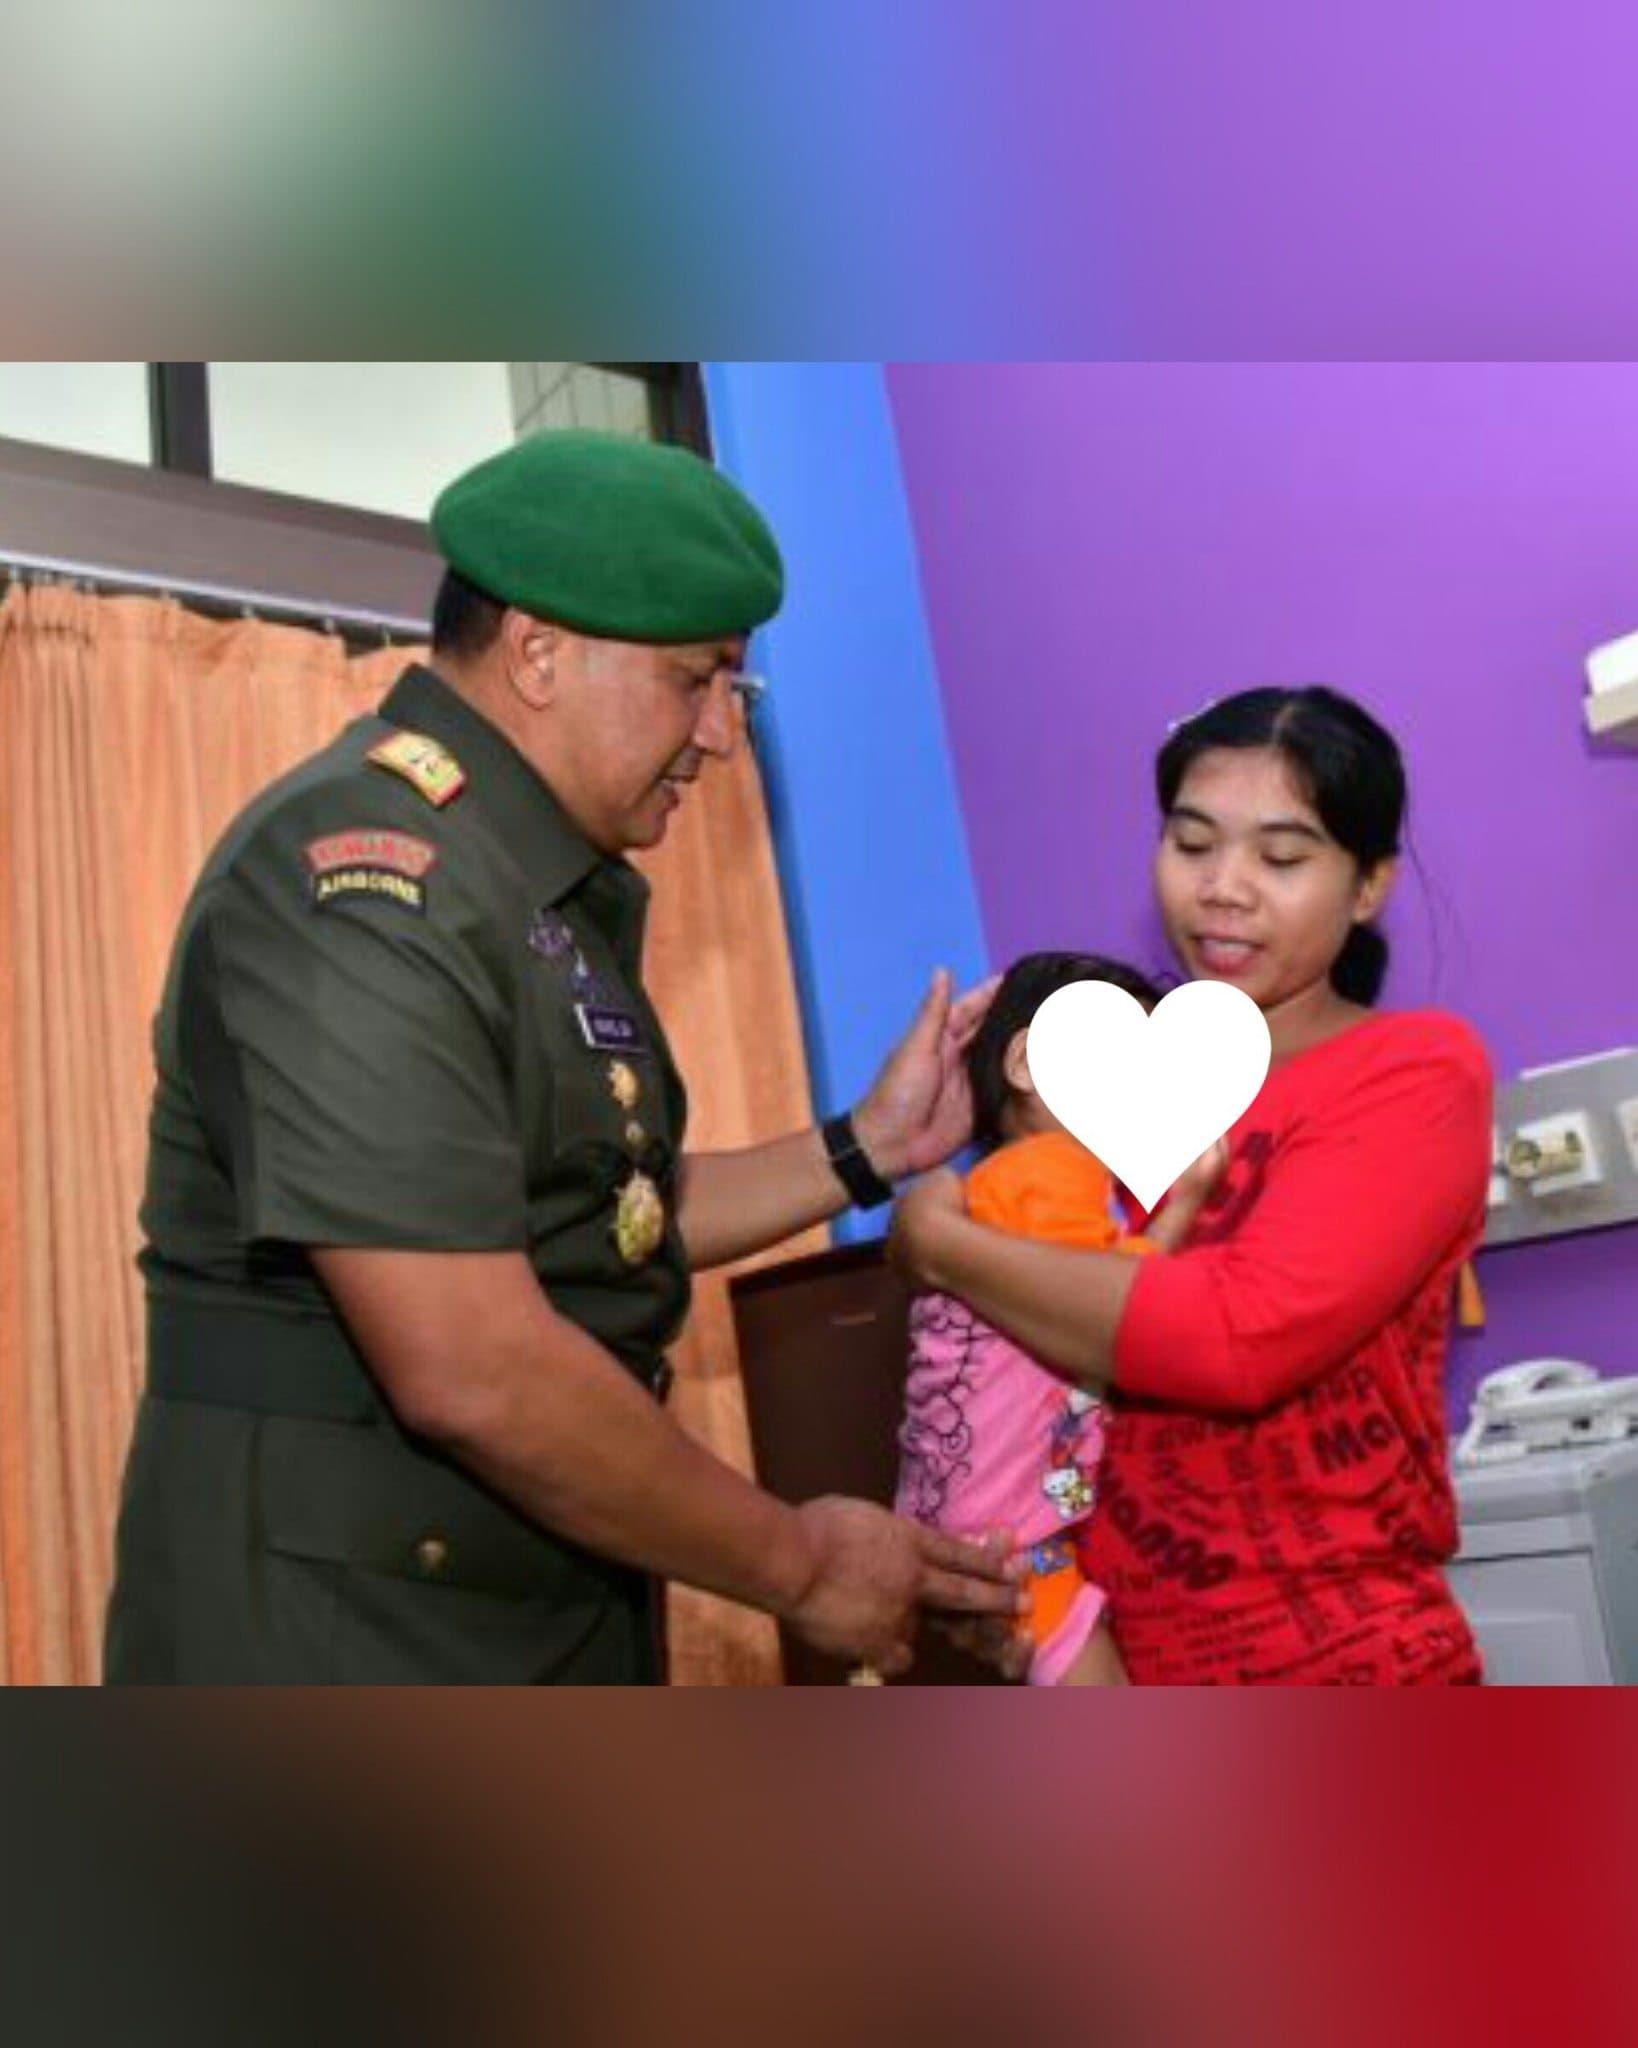 Pangdam VII Wirabuana Tanggung Biaya Operasi Anak (2,5 th) Penderita Tumor Mata